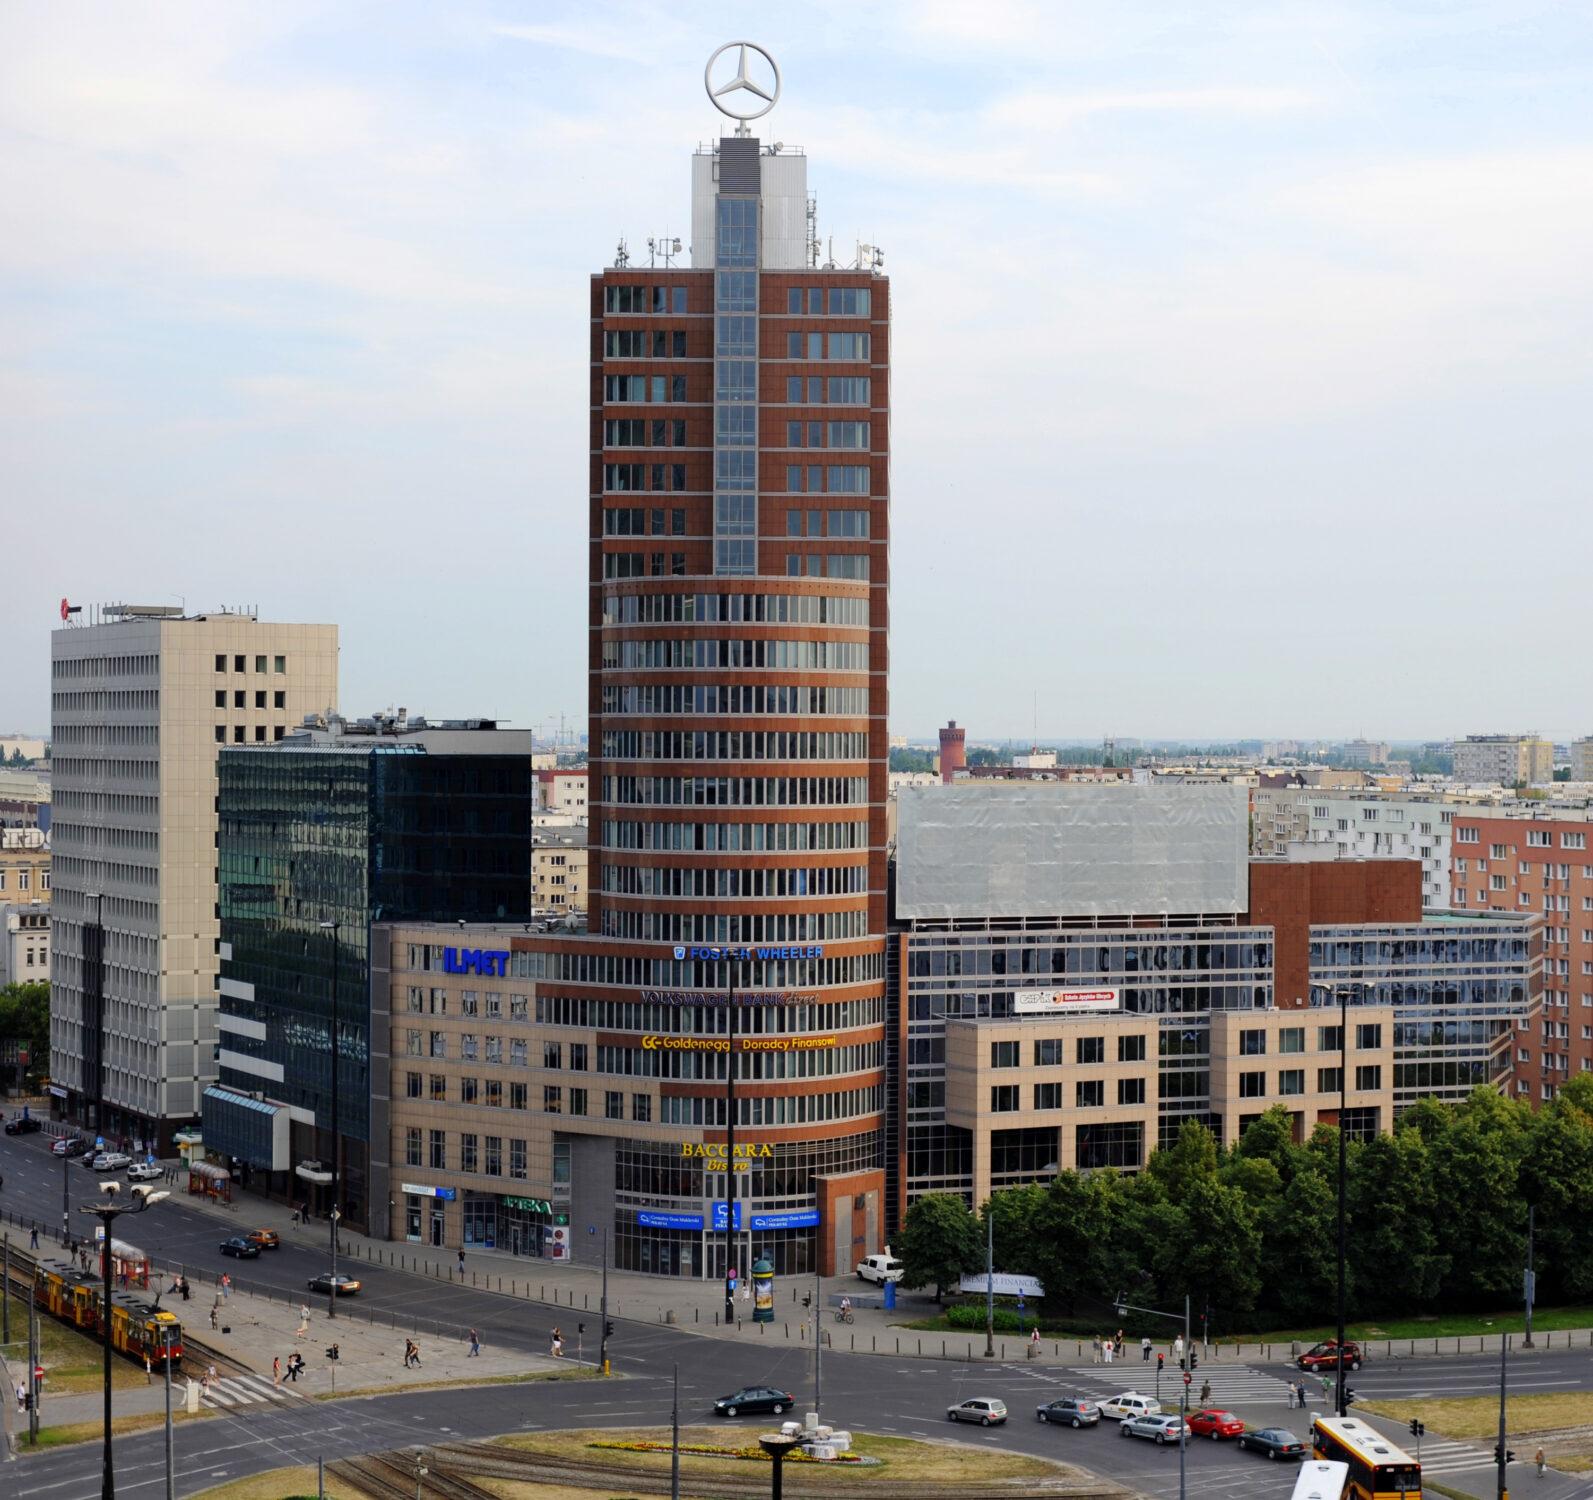 Zdjęcie. Widok miejski. Grupa budynków. Na centralnym planie wysoki, brązowy budynek z logo mercedesa na dachu.